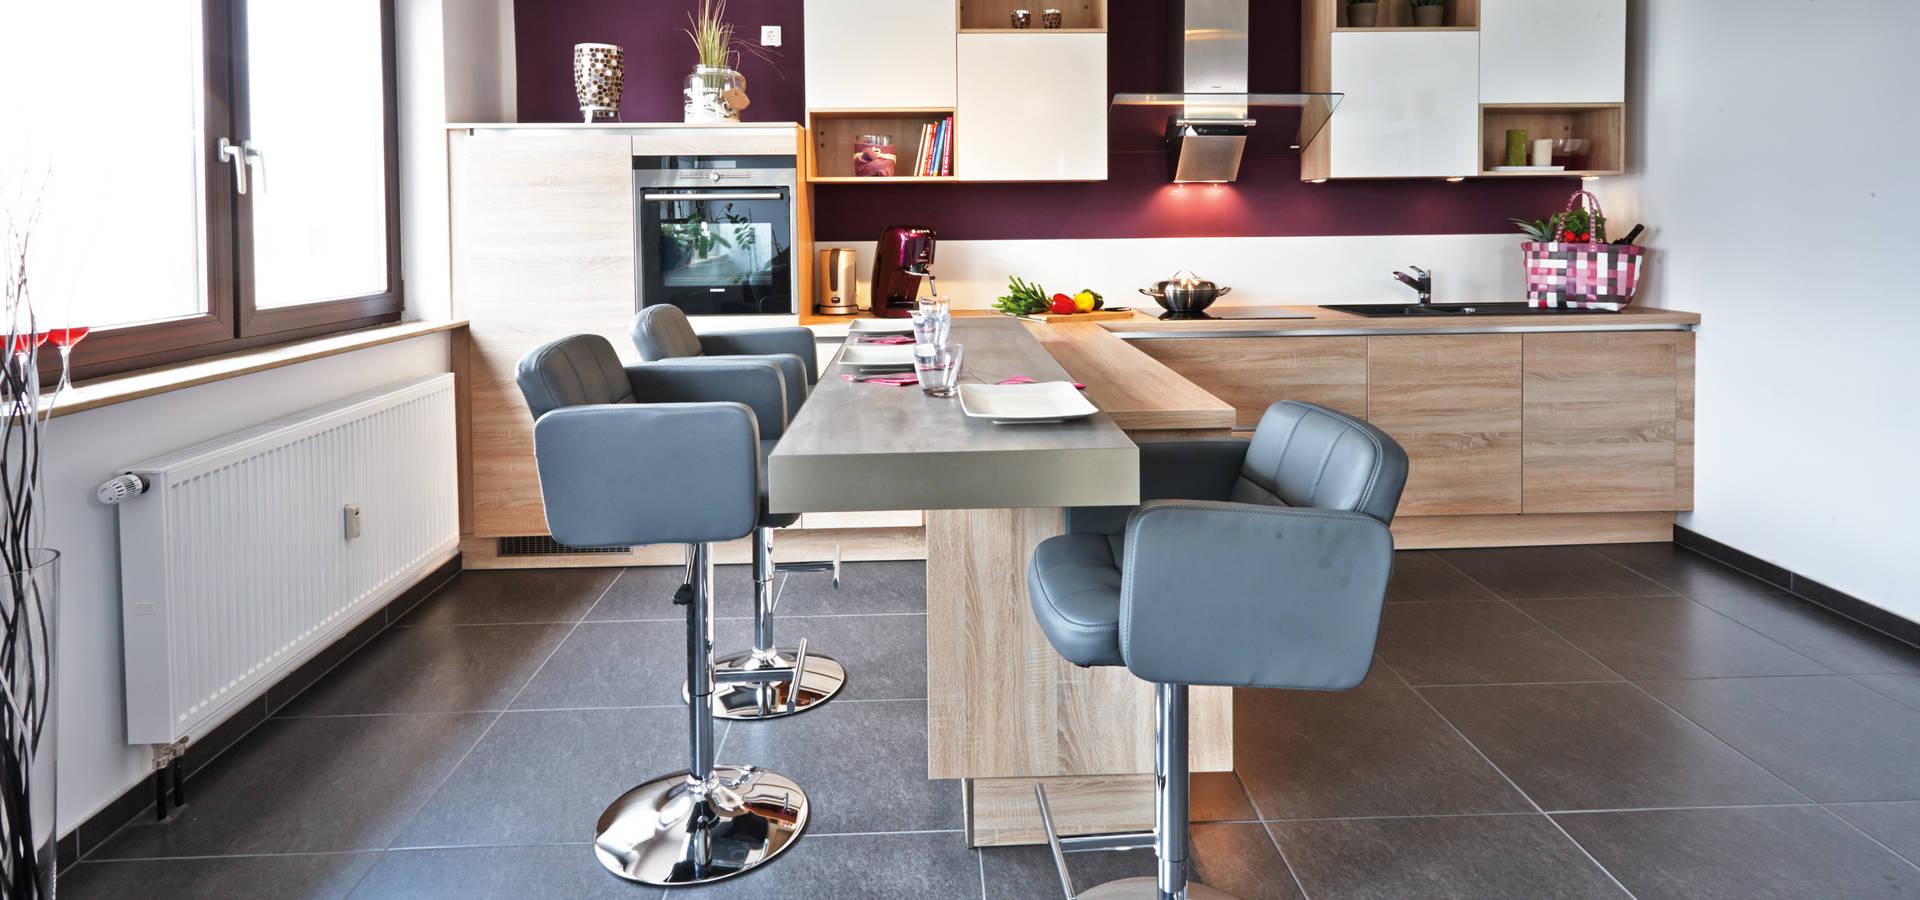 Awesome Www Küchen Quelle De Contemporary - Ideas & Design ...